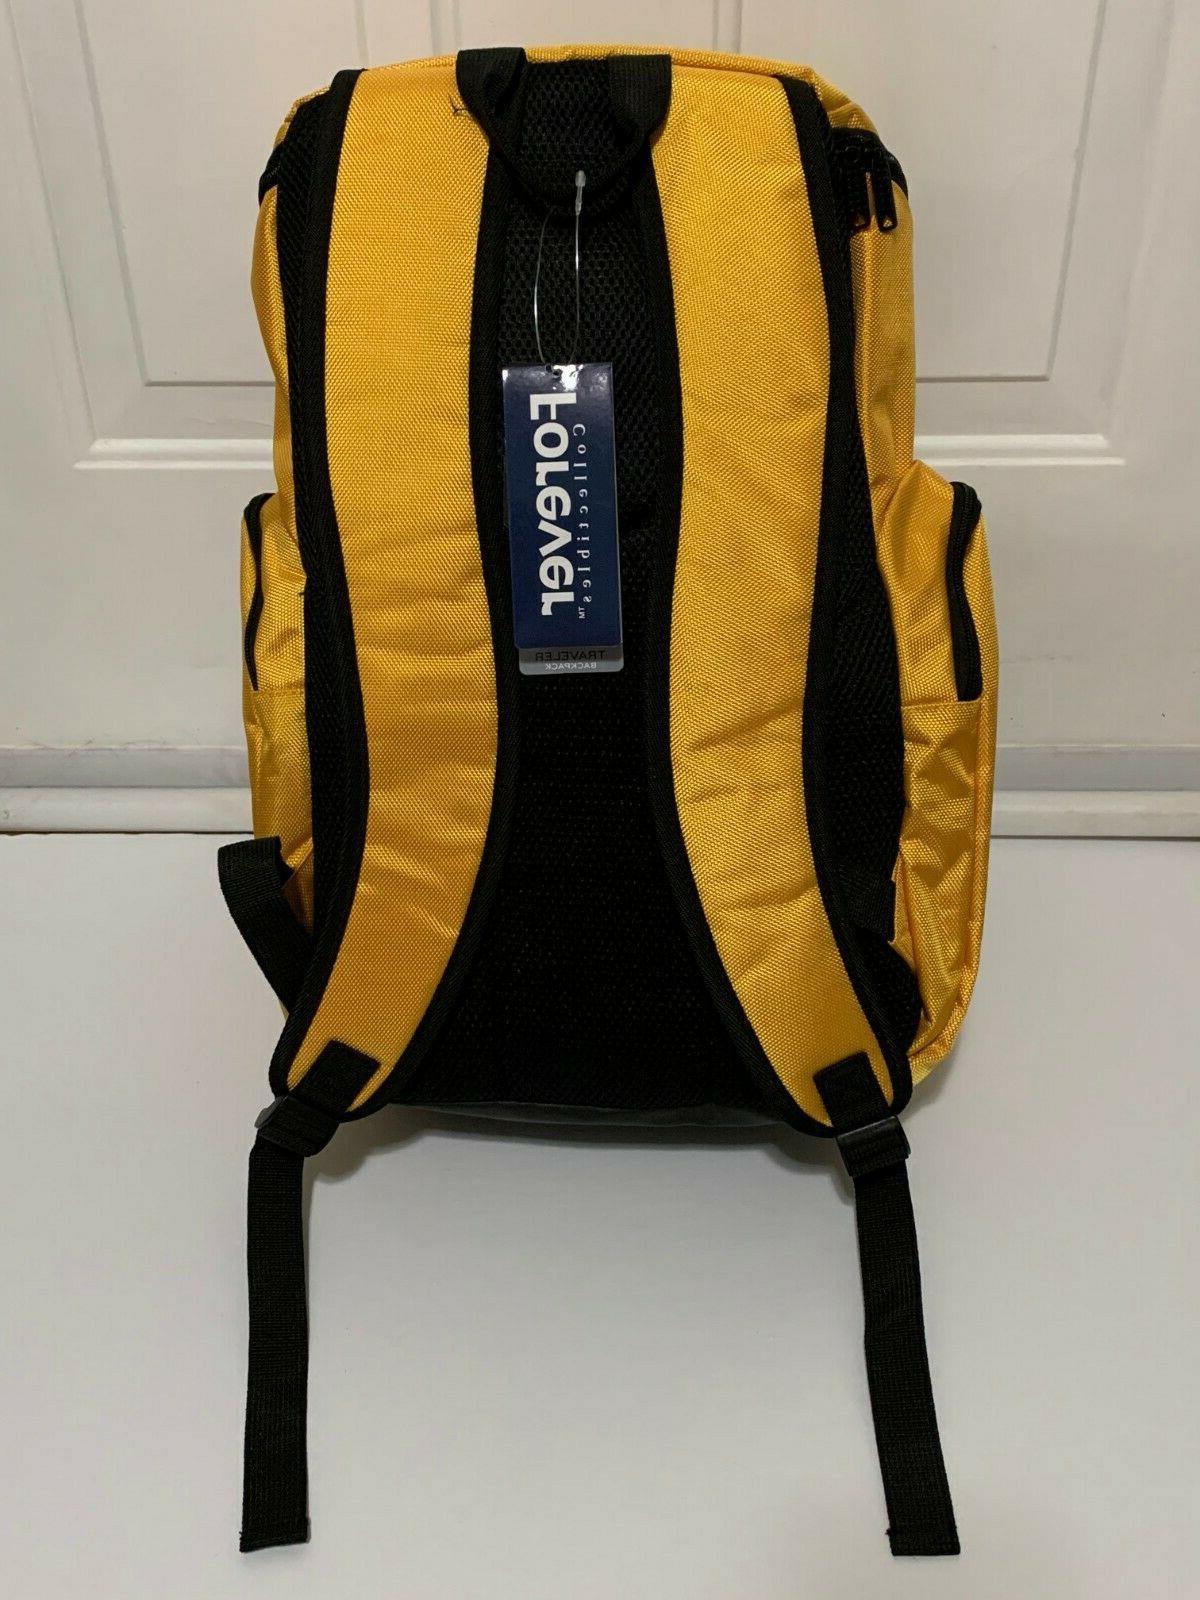 NFL Traveler Backpack Redskins Football Pocket